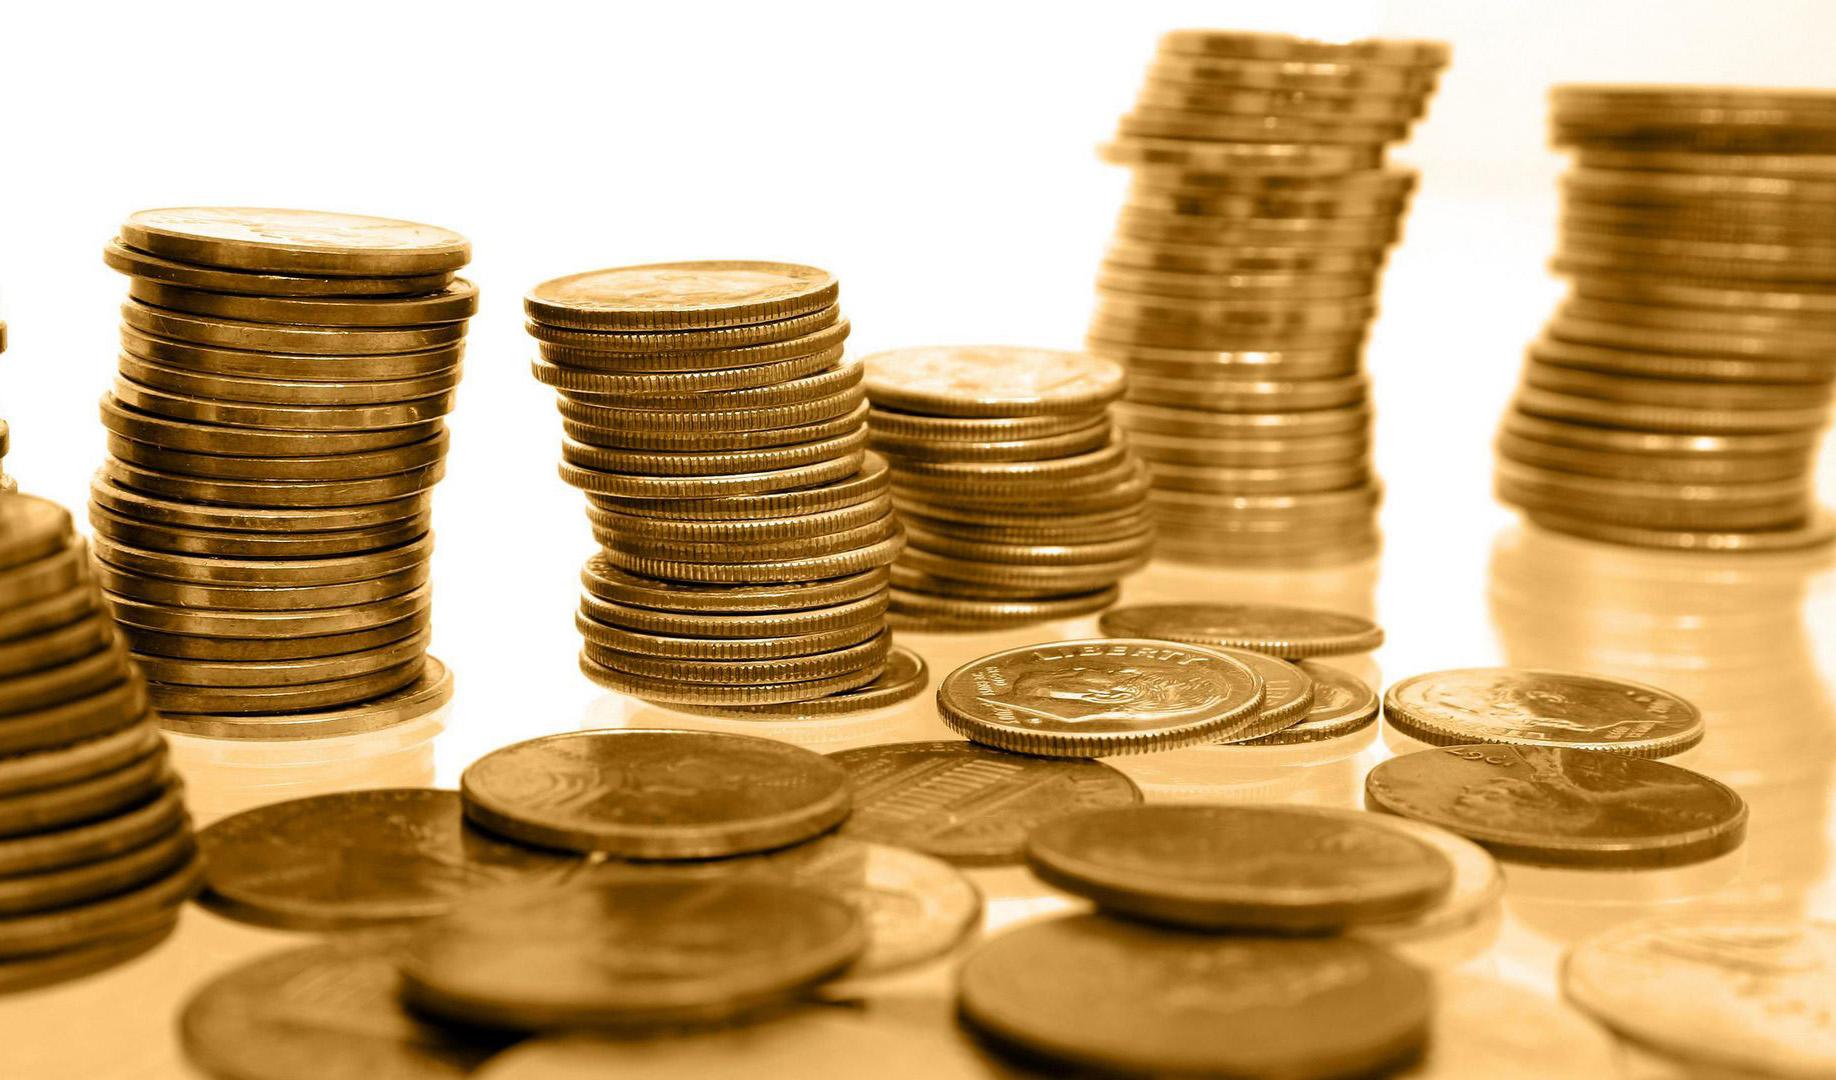 افزایش قیمت ۱۰ هزار تومانی سکه در پایان هفته